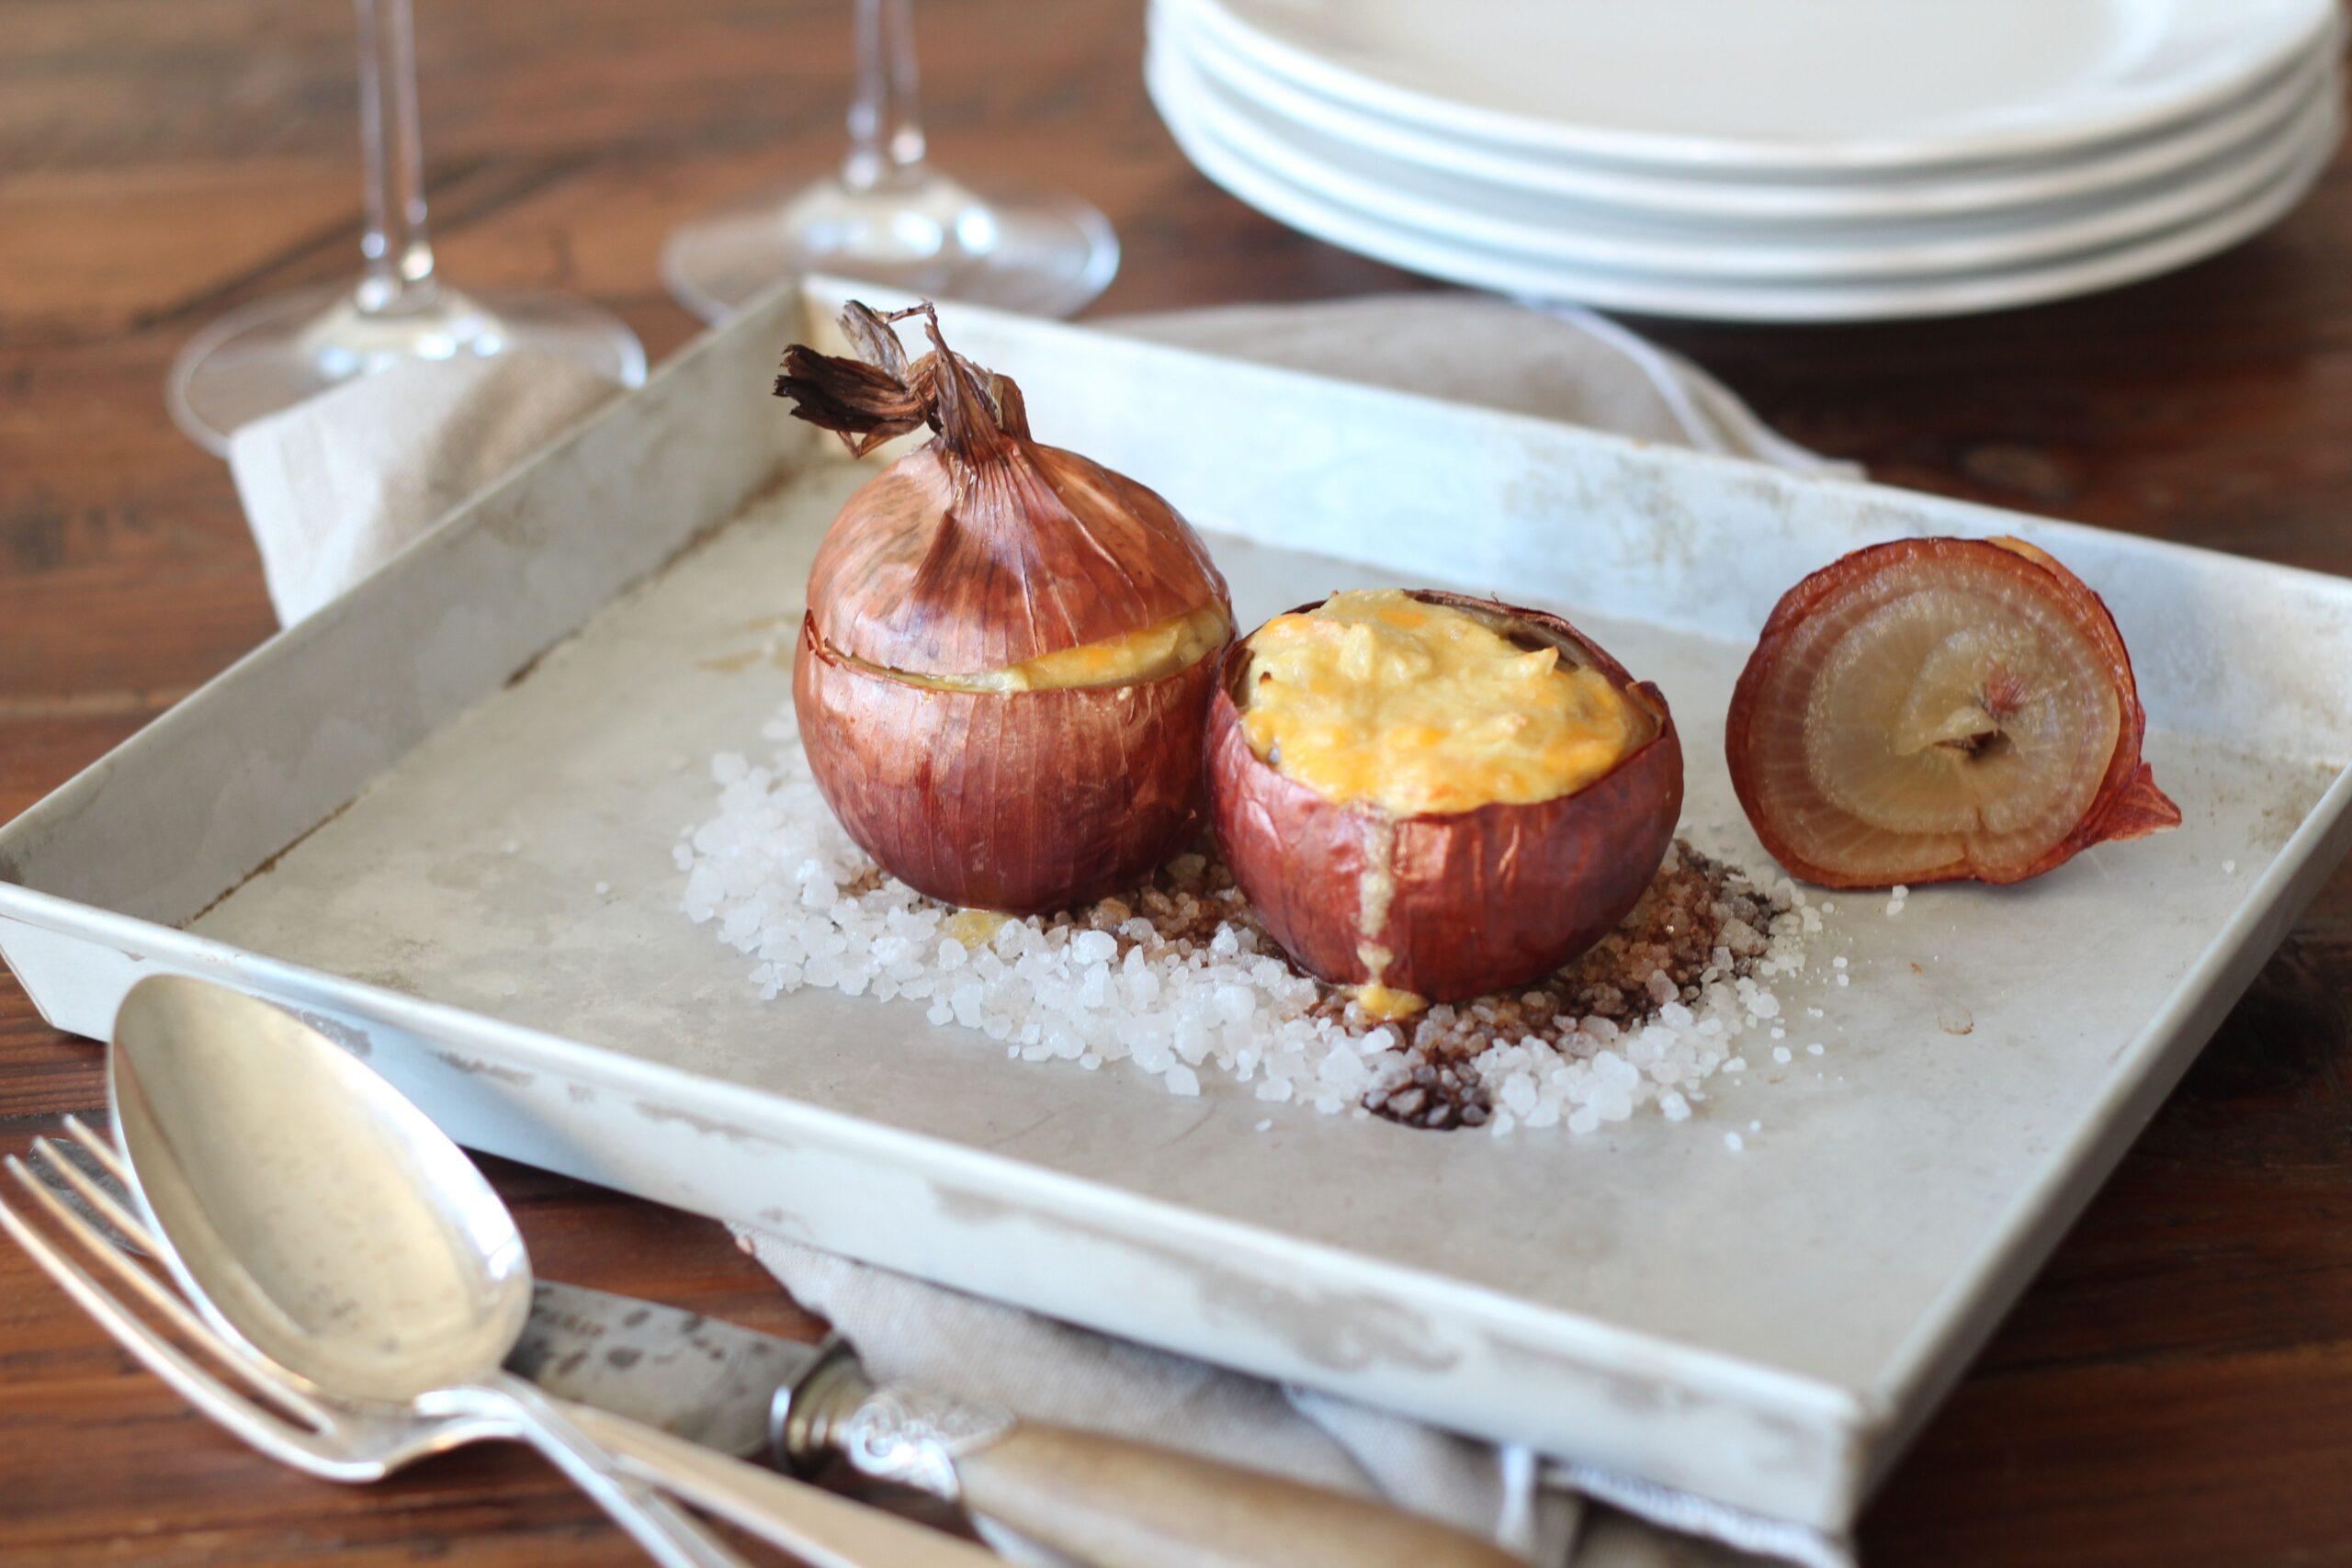 Cipolle ripiene: la ricetta con solo 3 ingredienti